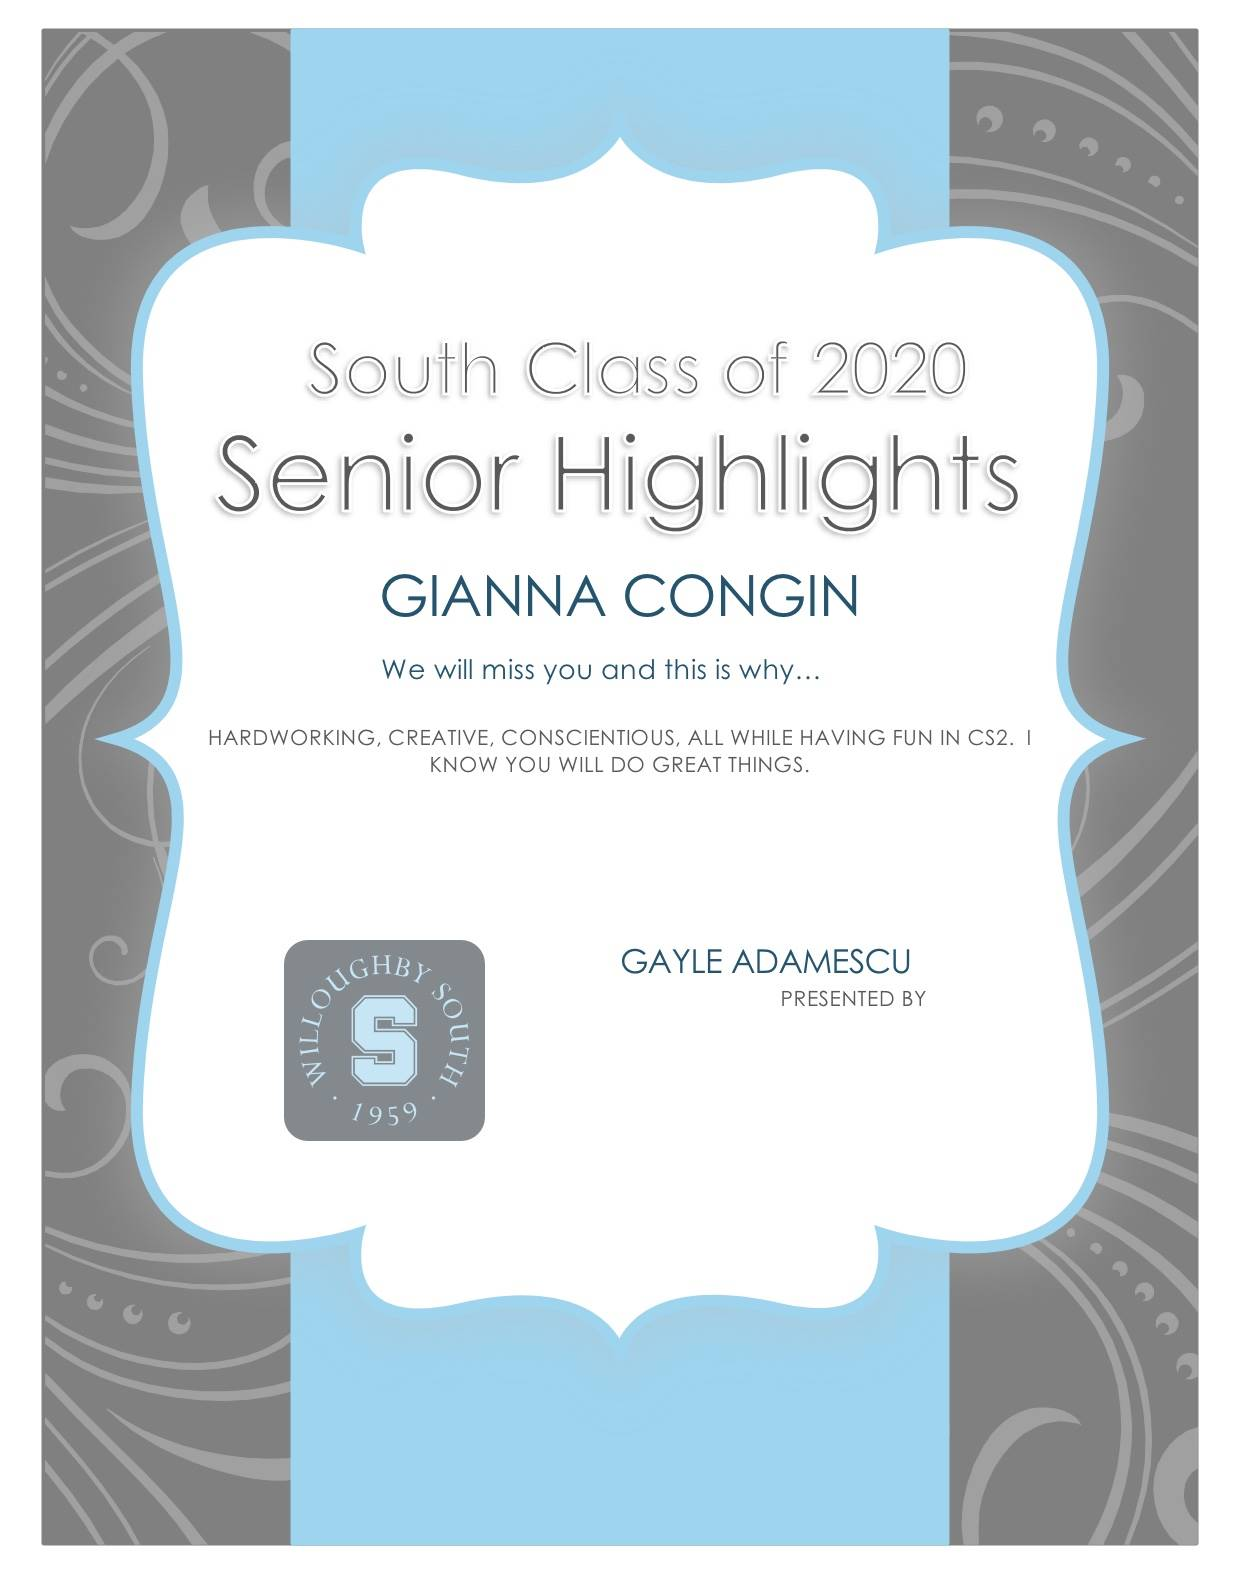 Gianna Congin